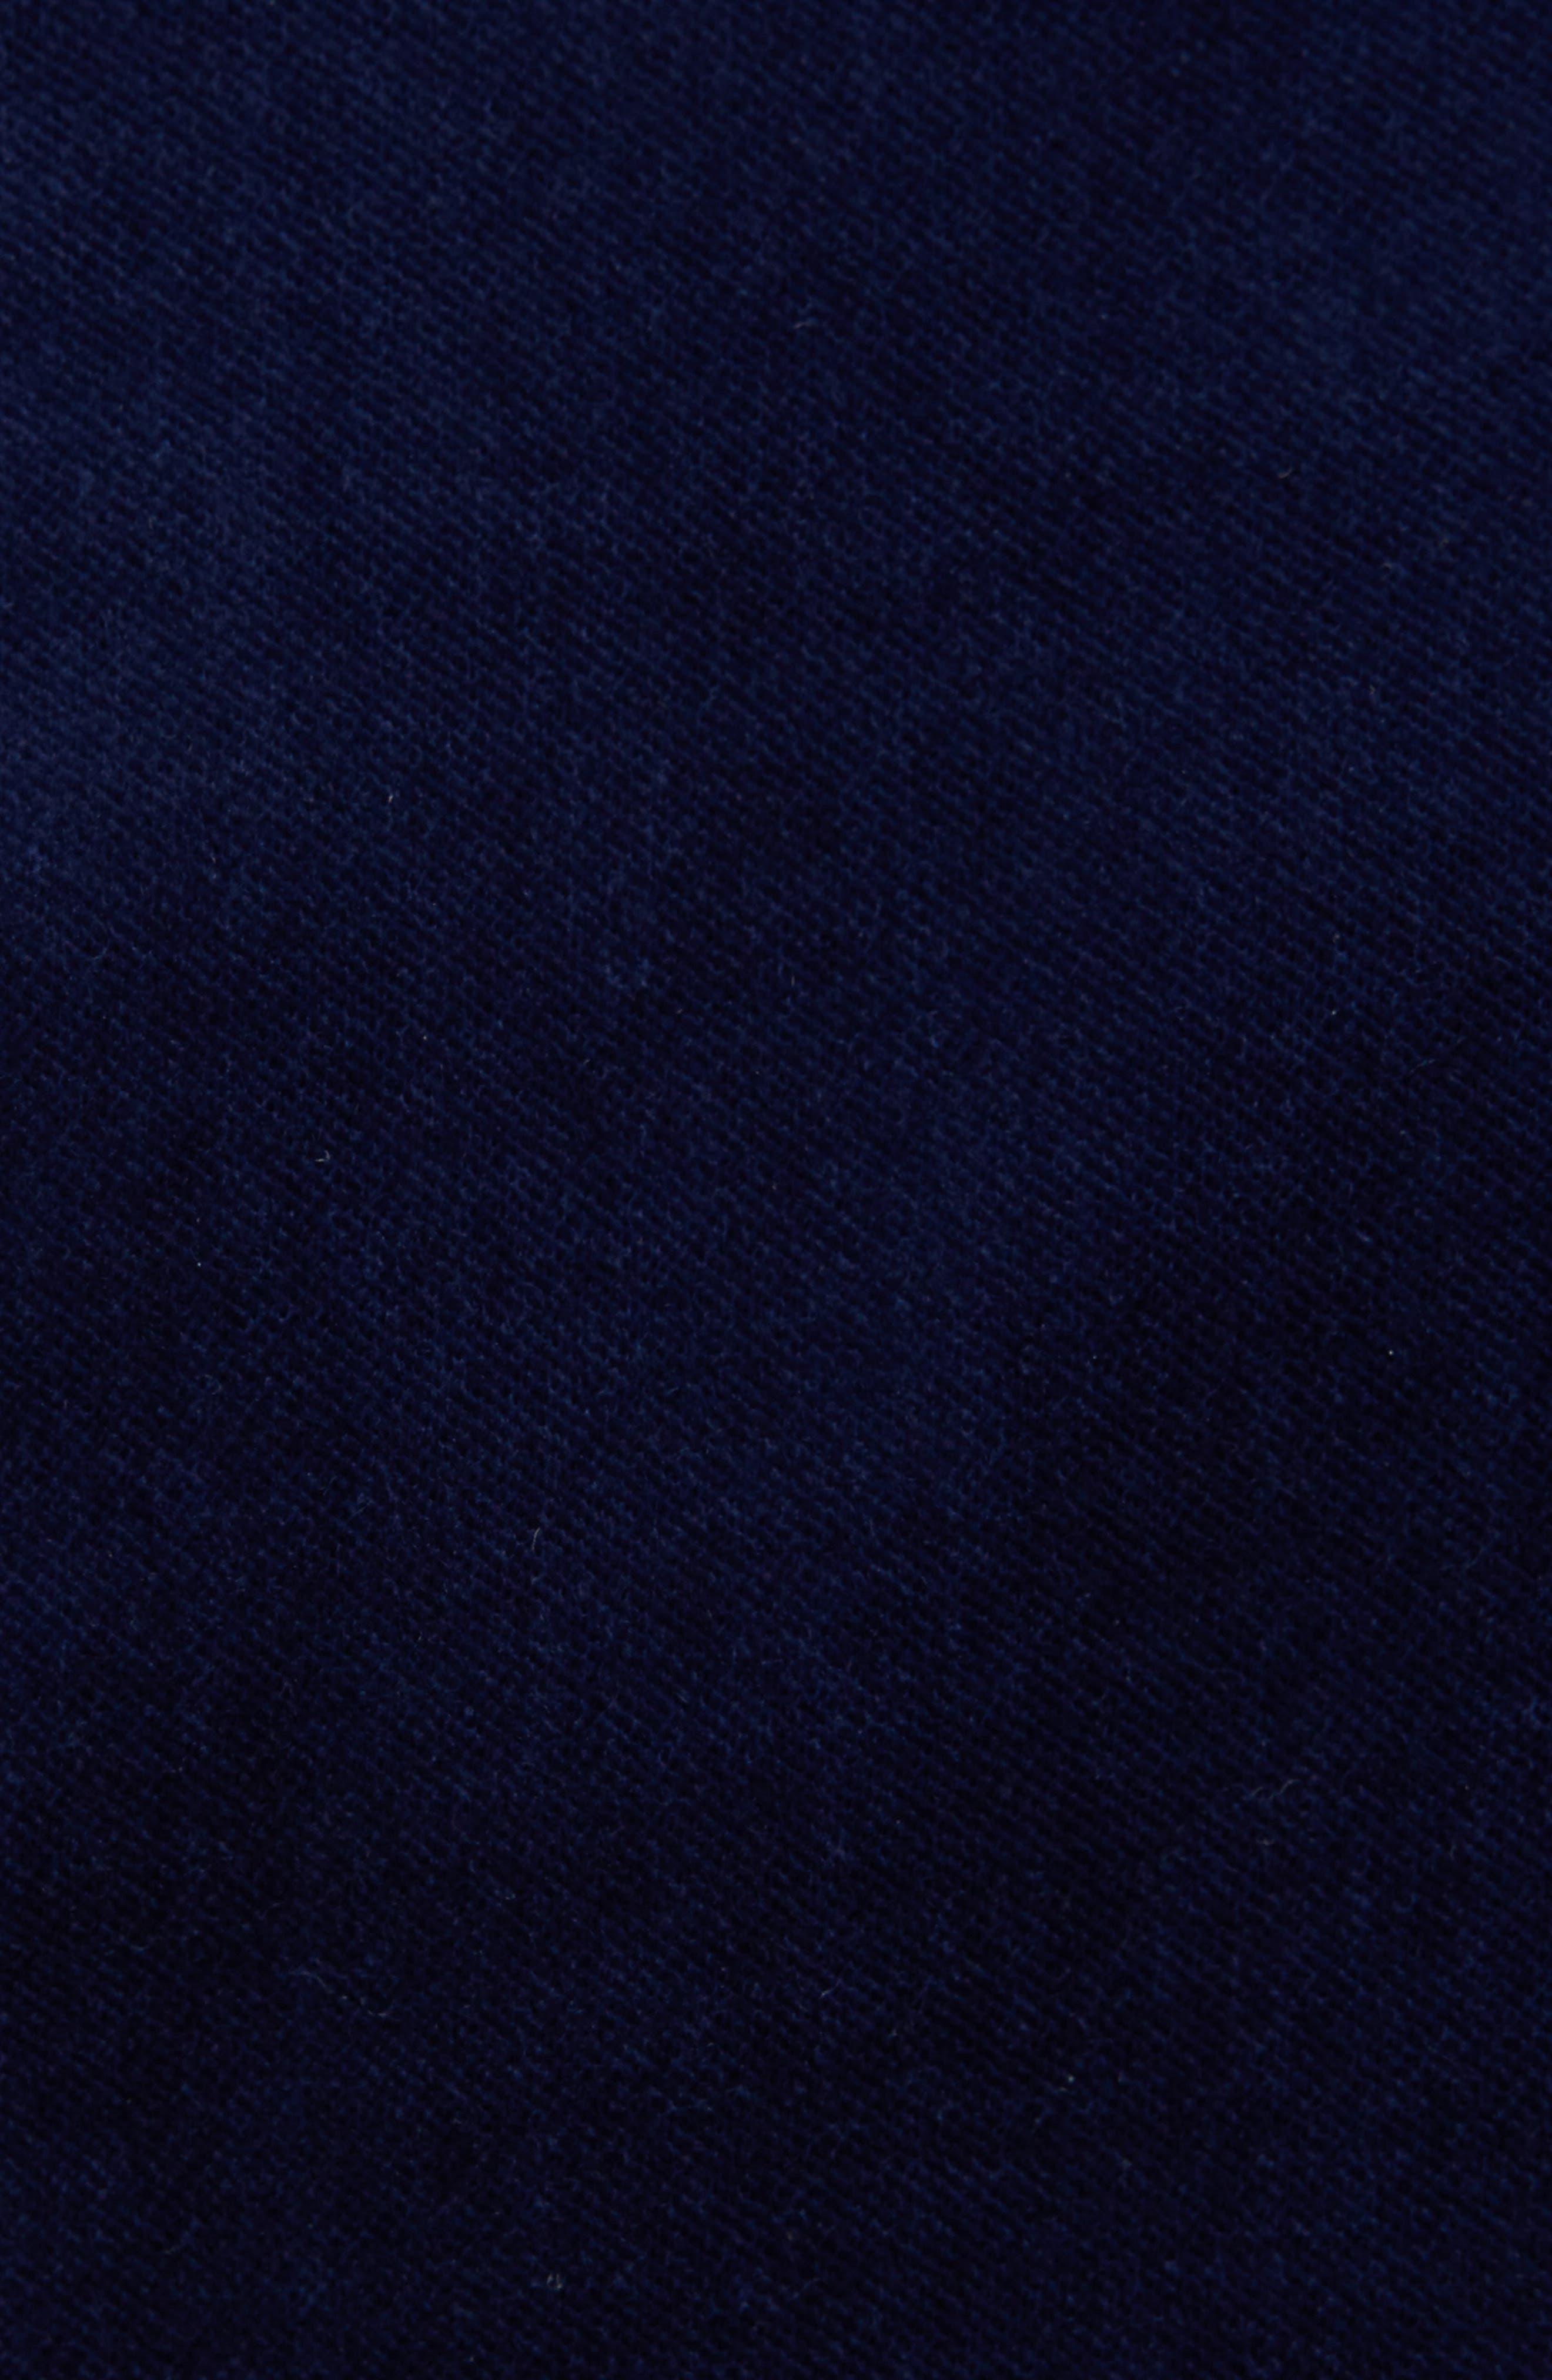 Extra Slim Fit Velvet Jacket,                             Alternate thumbnail 5, color,                             400